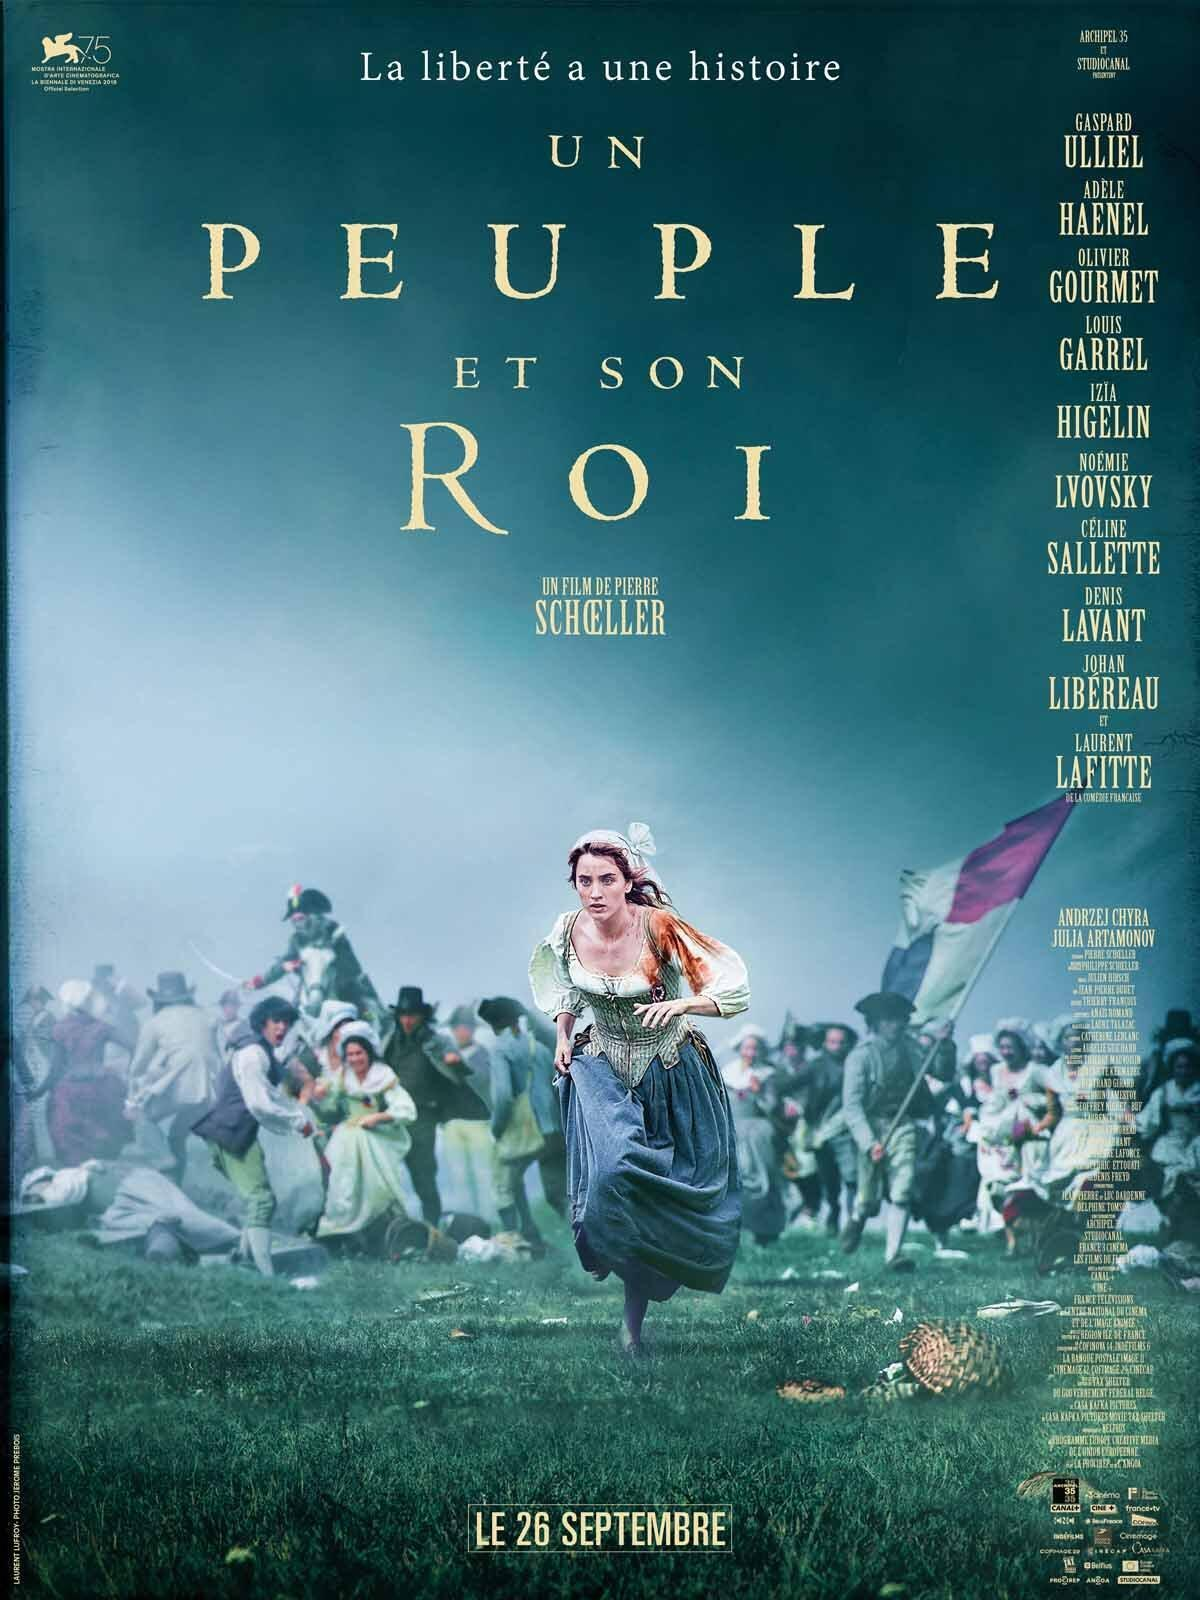 """Affiche du film """"Un peuple et son Roi"""" de Pierre Schöller"""